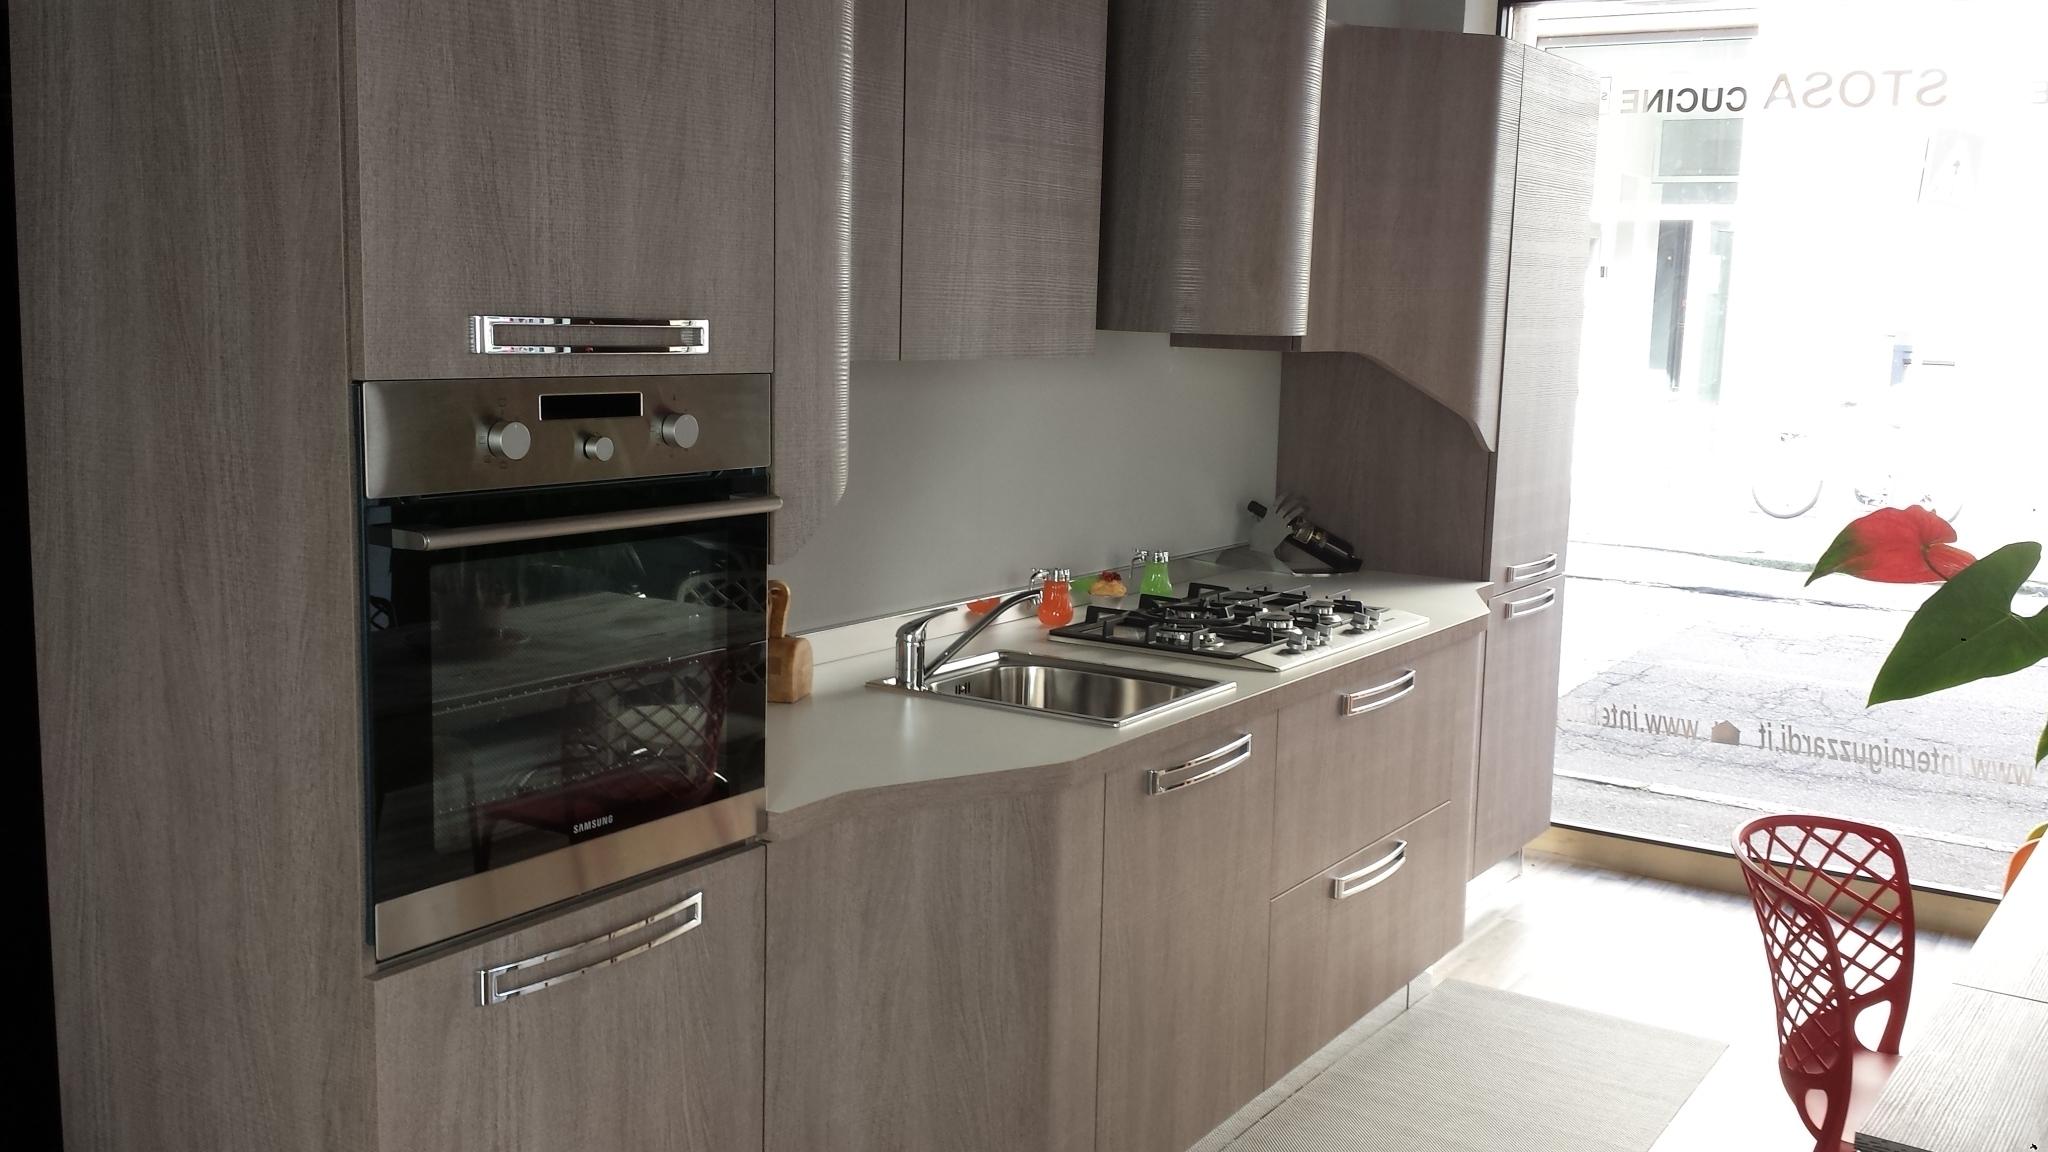 Stosa cucine cucina milly scontato del 60 cucine a - Cucina componibile prezzi ...